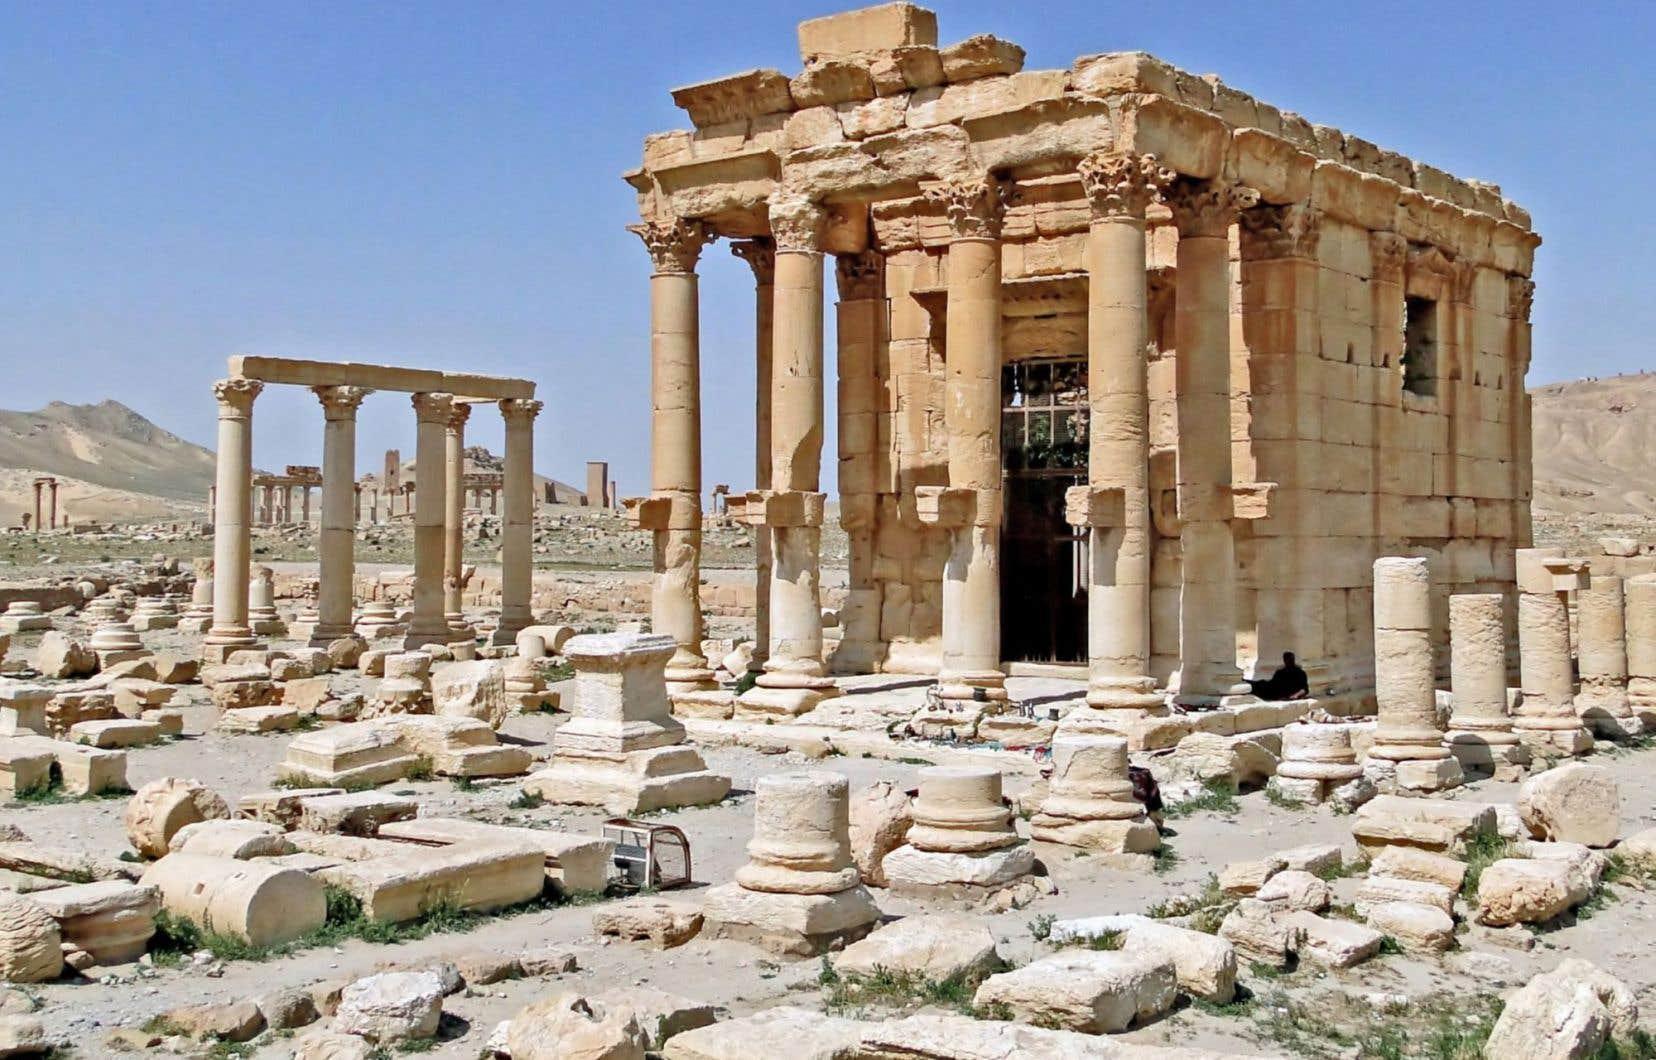 Le temple de Baalshamin dans la ville antique de Palmyre